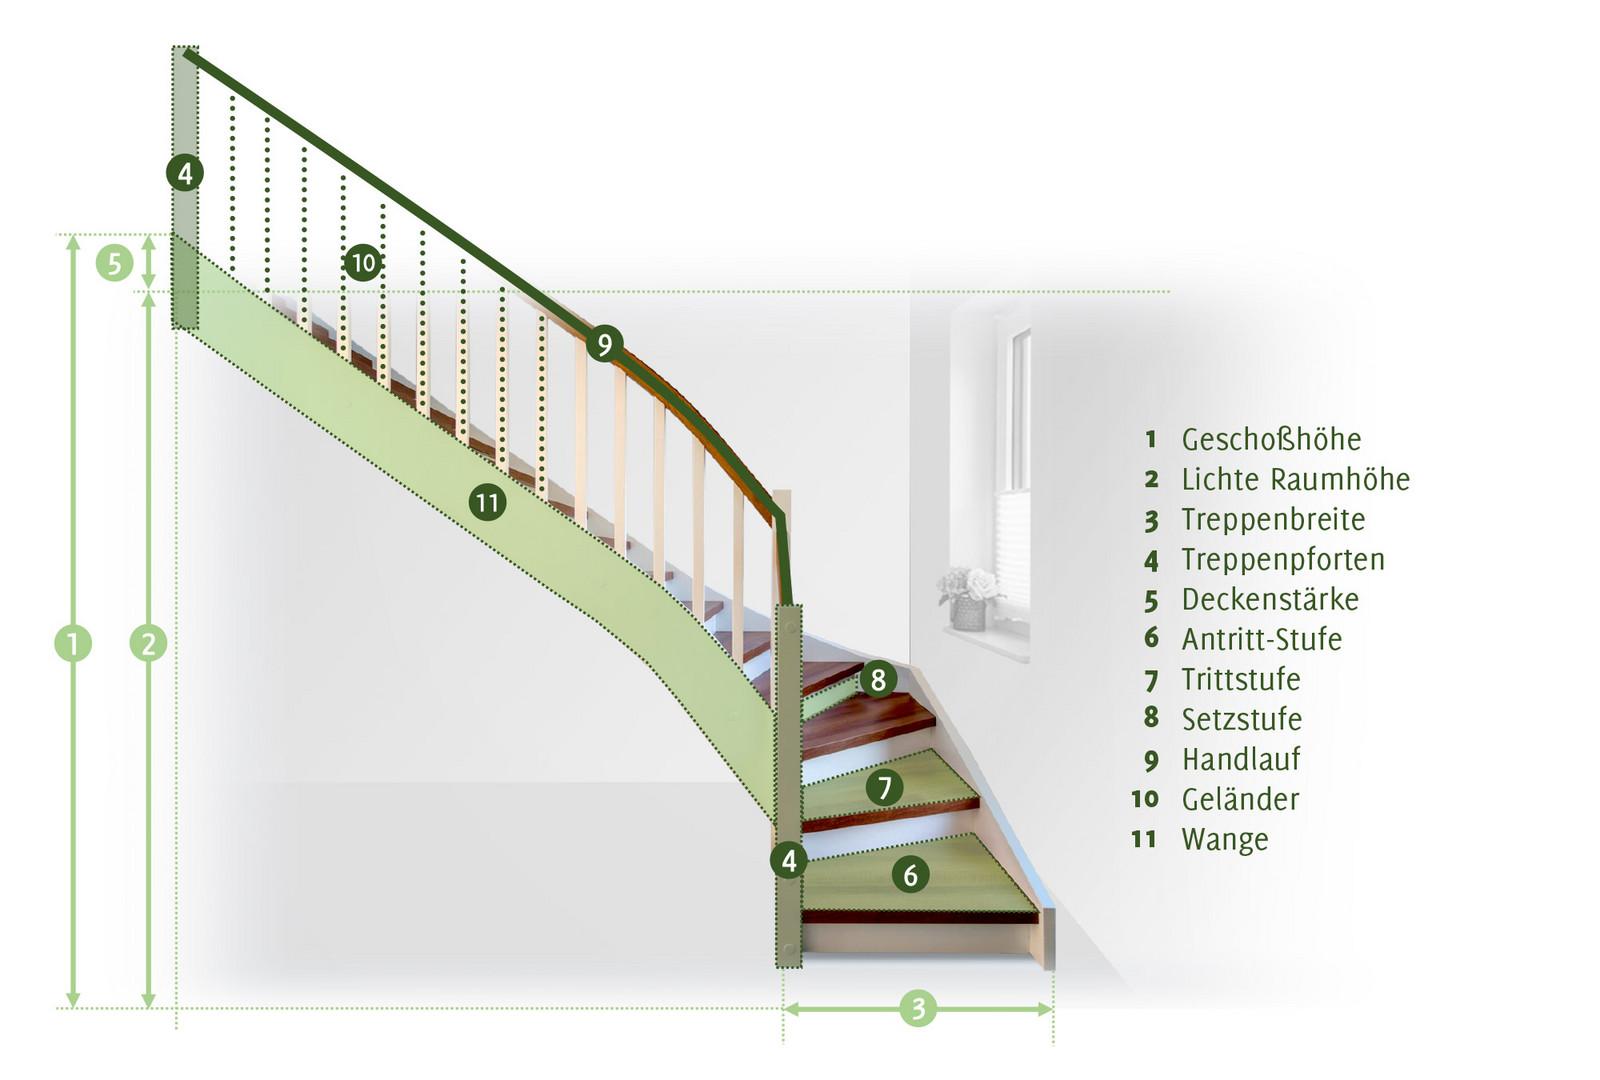 Treppe Berechnen Grundlagen Der Treppenberechnung Bathe Treppen